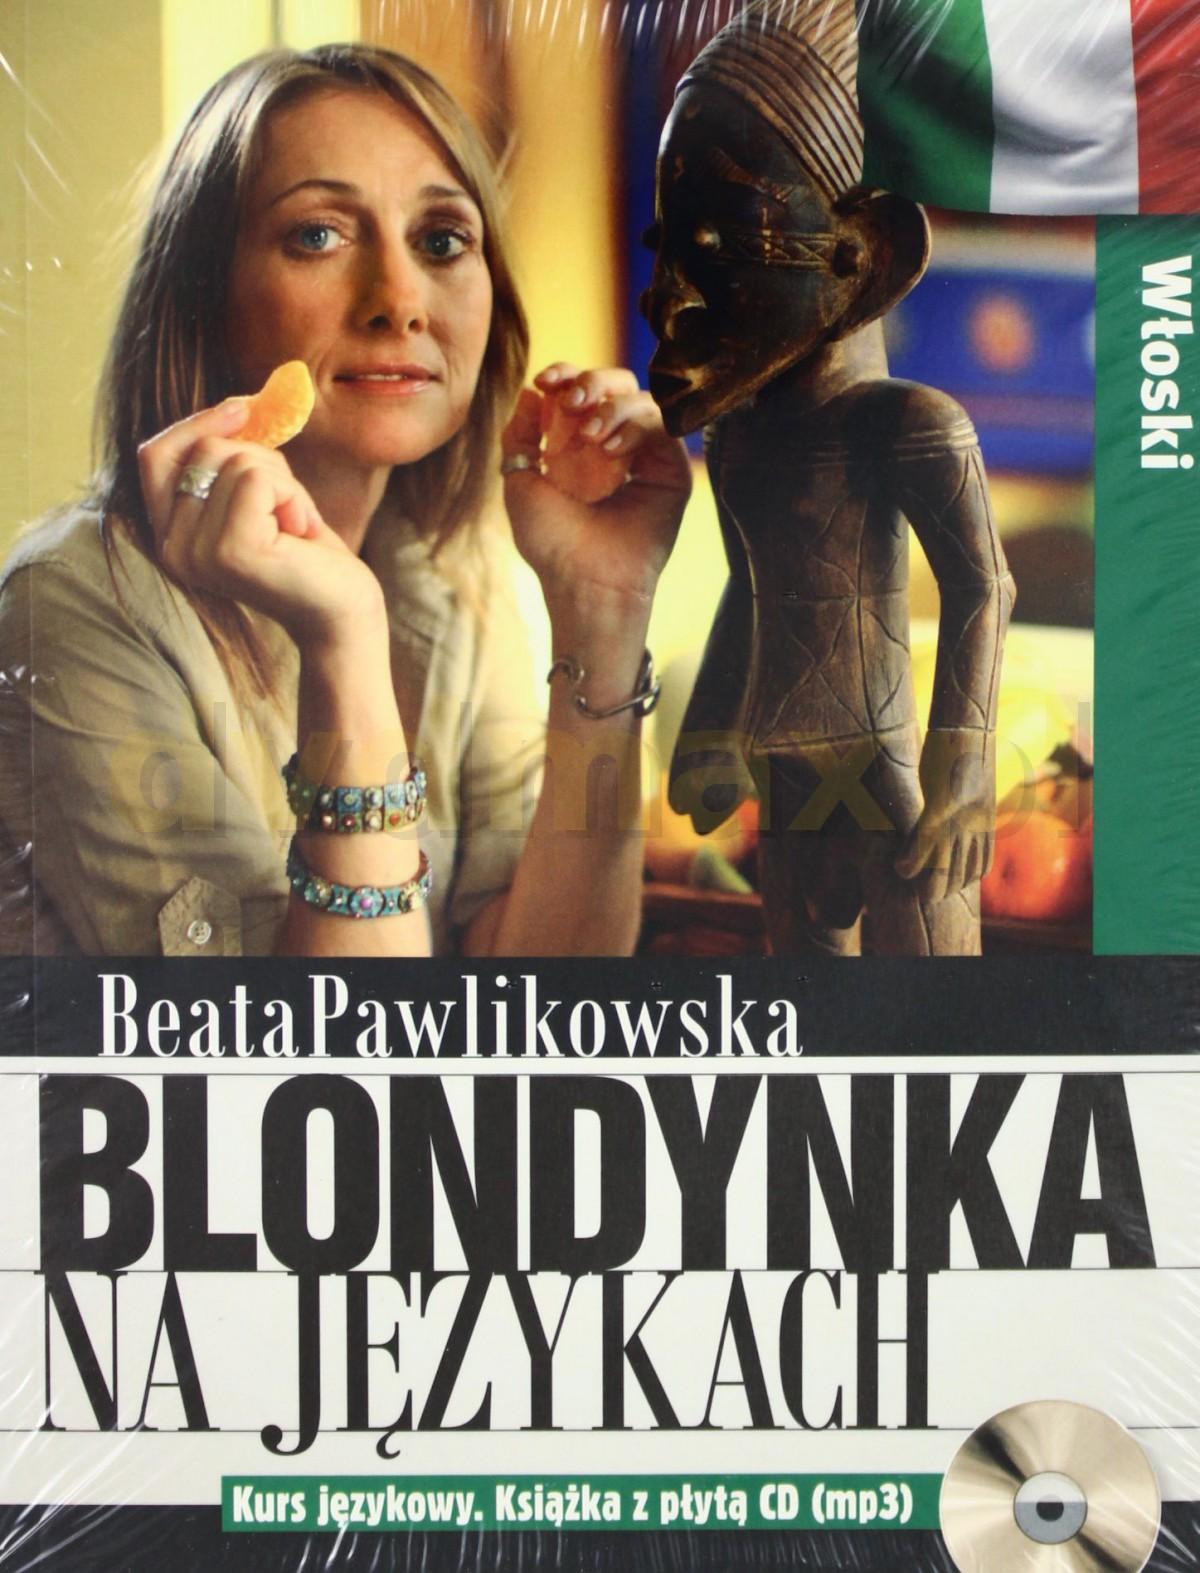 Blondynka na językach. Włoski - Beata Pawlikowska [KSIĄŻKA]+[CD] - Beata Pawlikowska